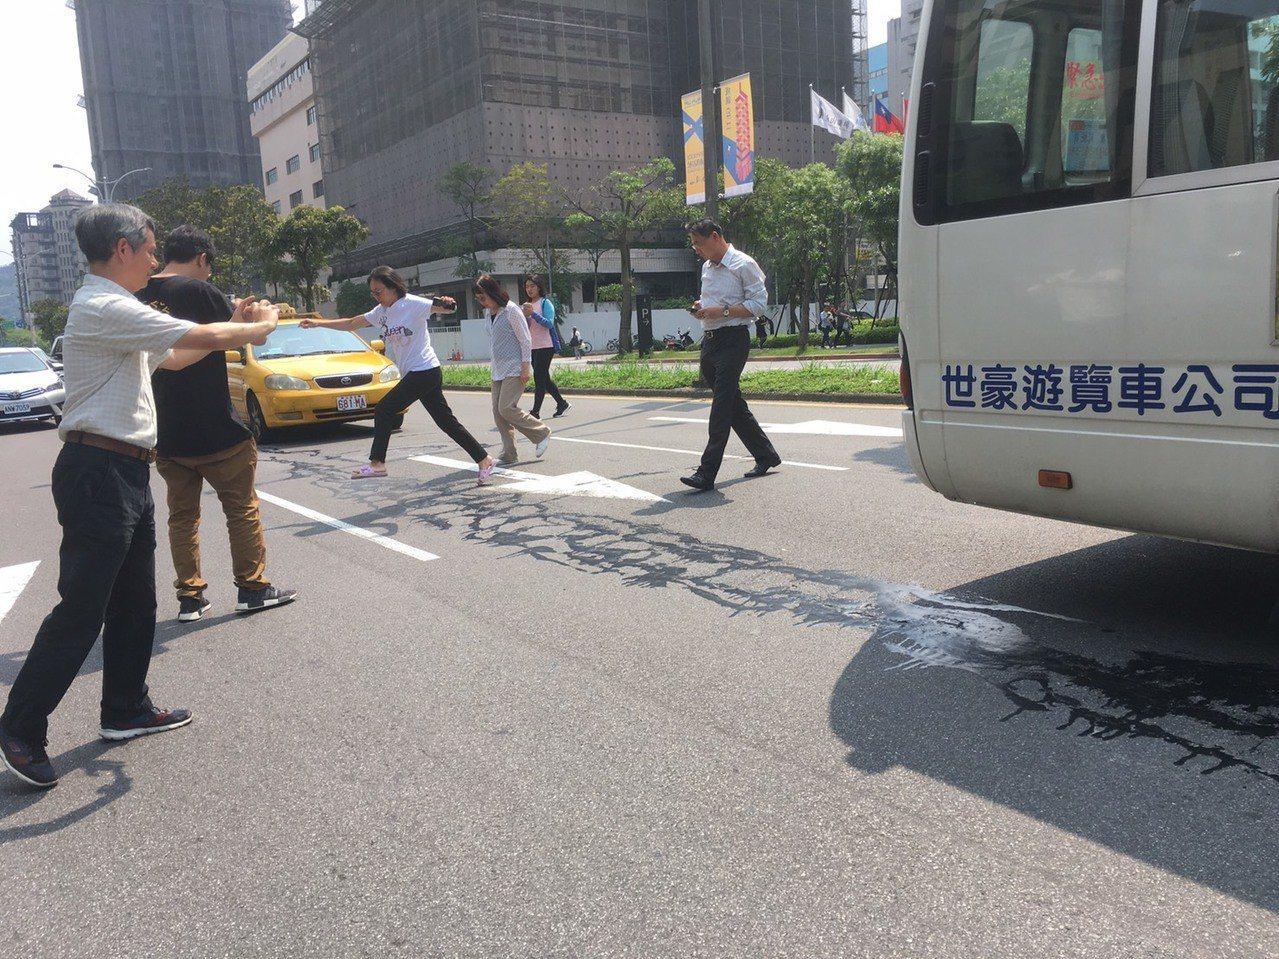 今天中午發生地震,台北市松仁路疑似出現「地裂」,北市府先是澄清為柏油灑落,稍早進...